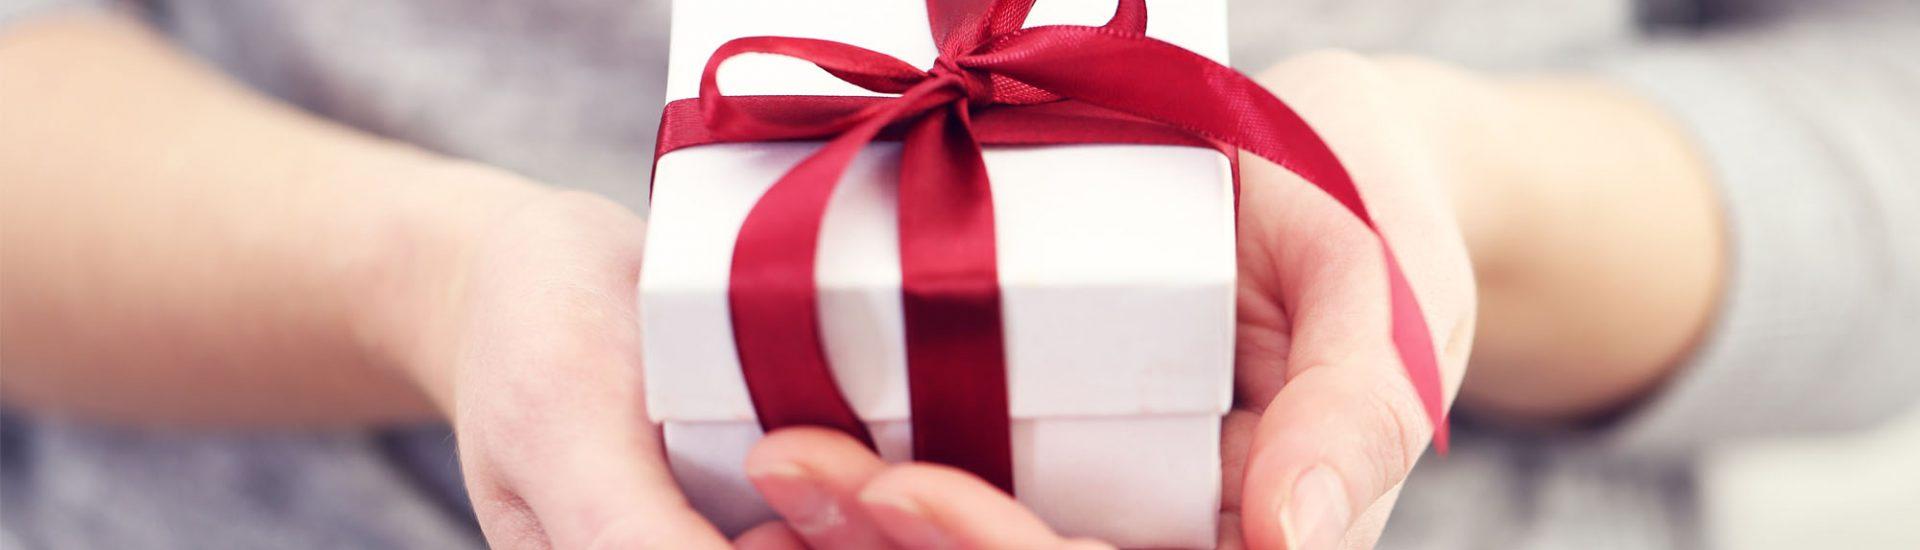 Kleine Weihnachtsgeschenke bleiben auch nach dem Fest Teil des Alltags